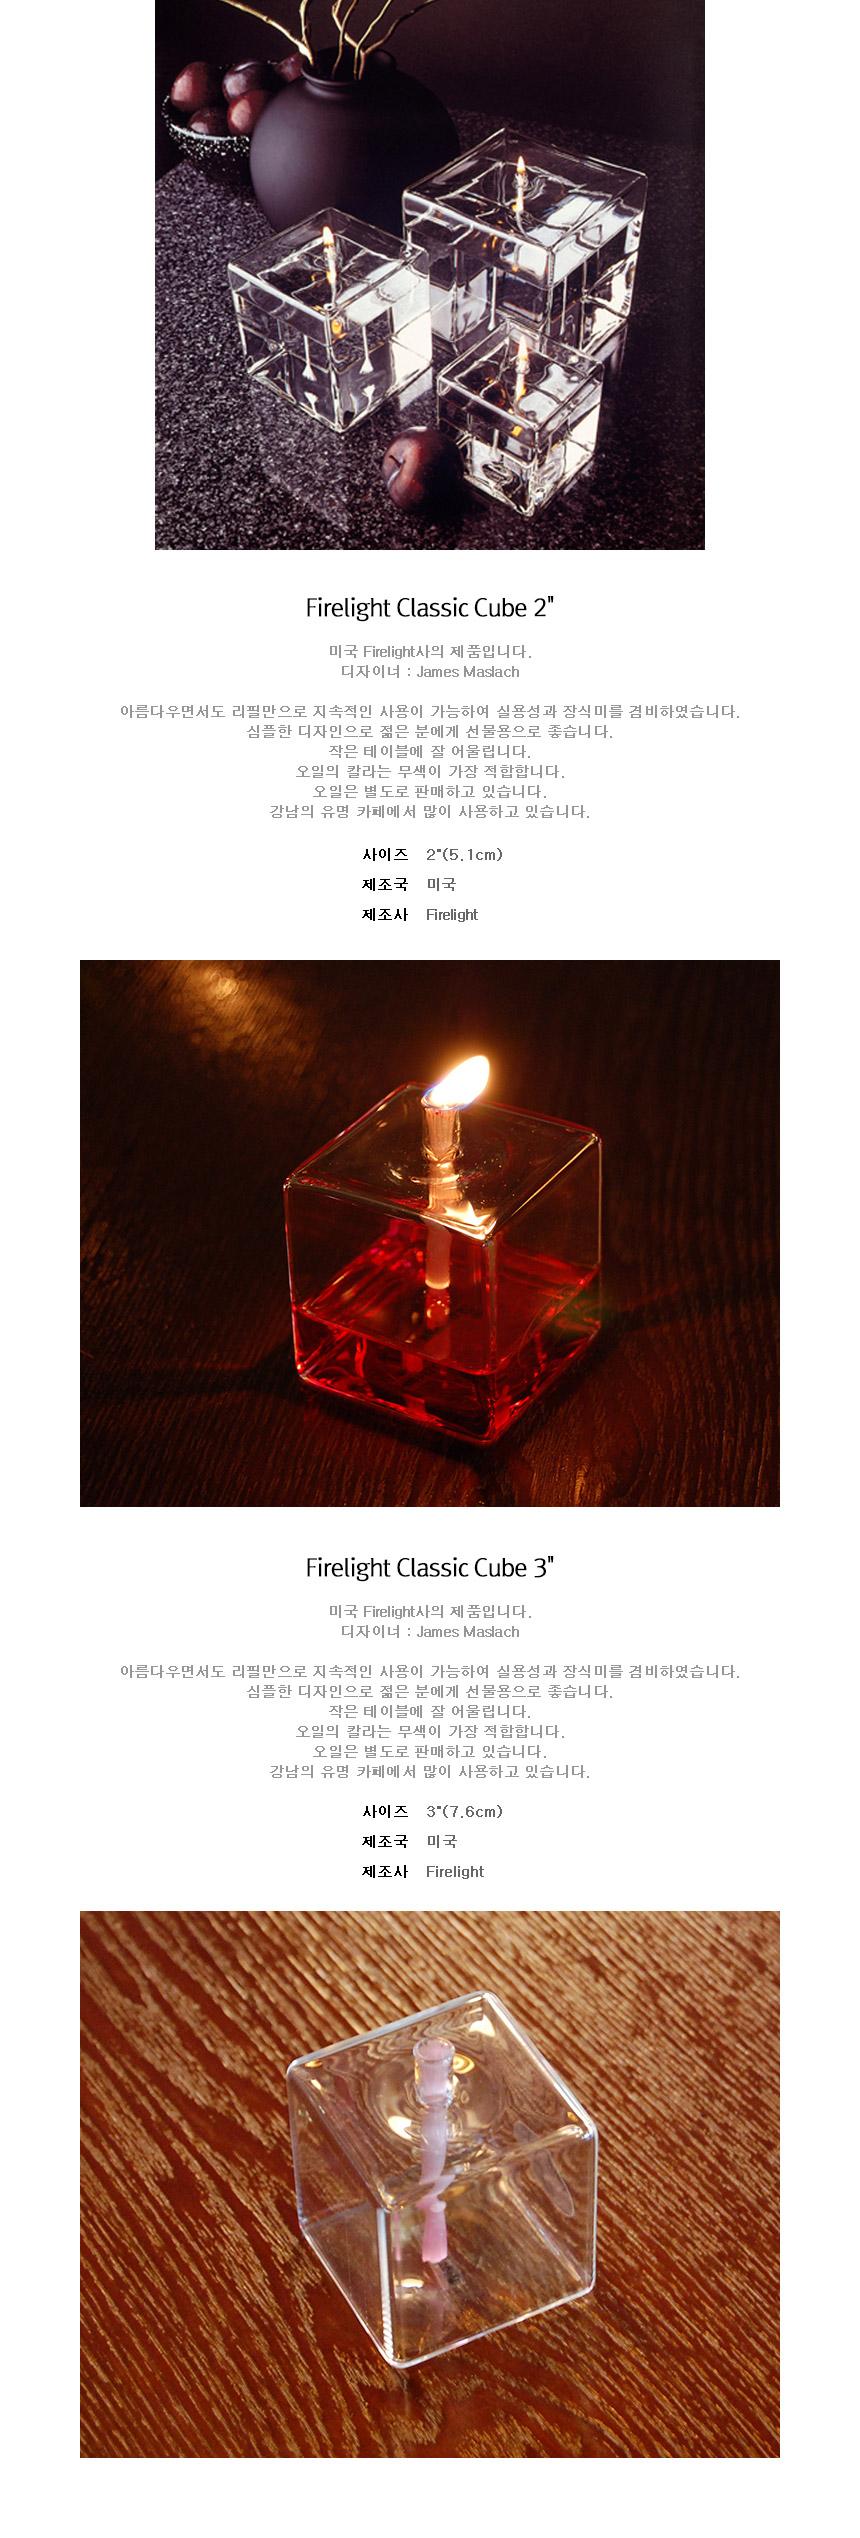 램프플러스 FireLight Classic Cube